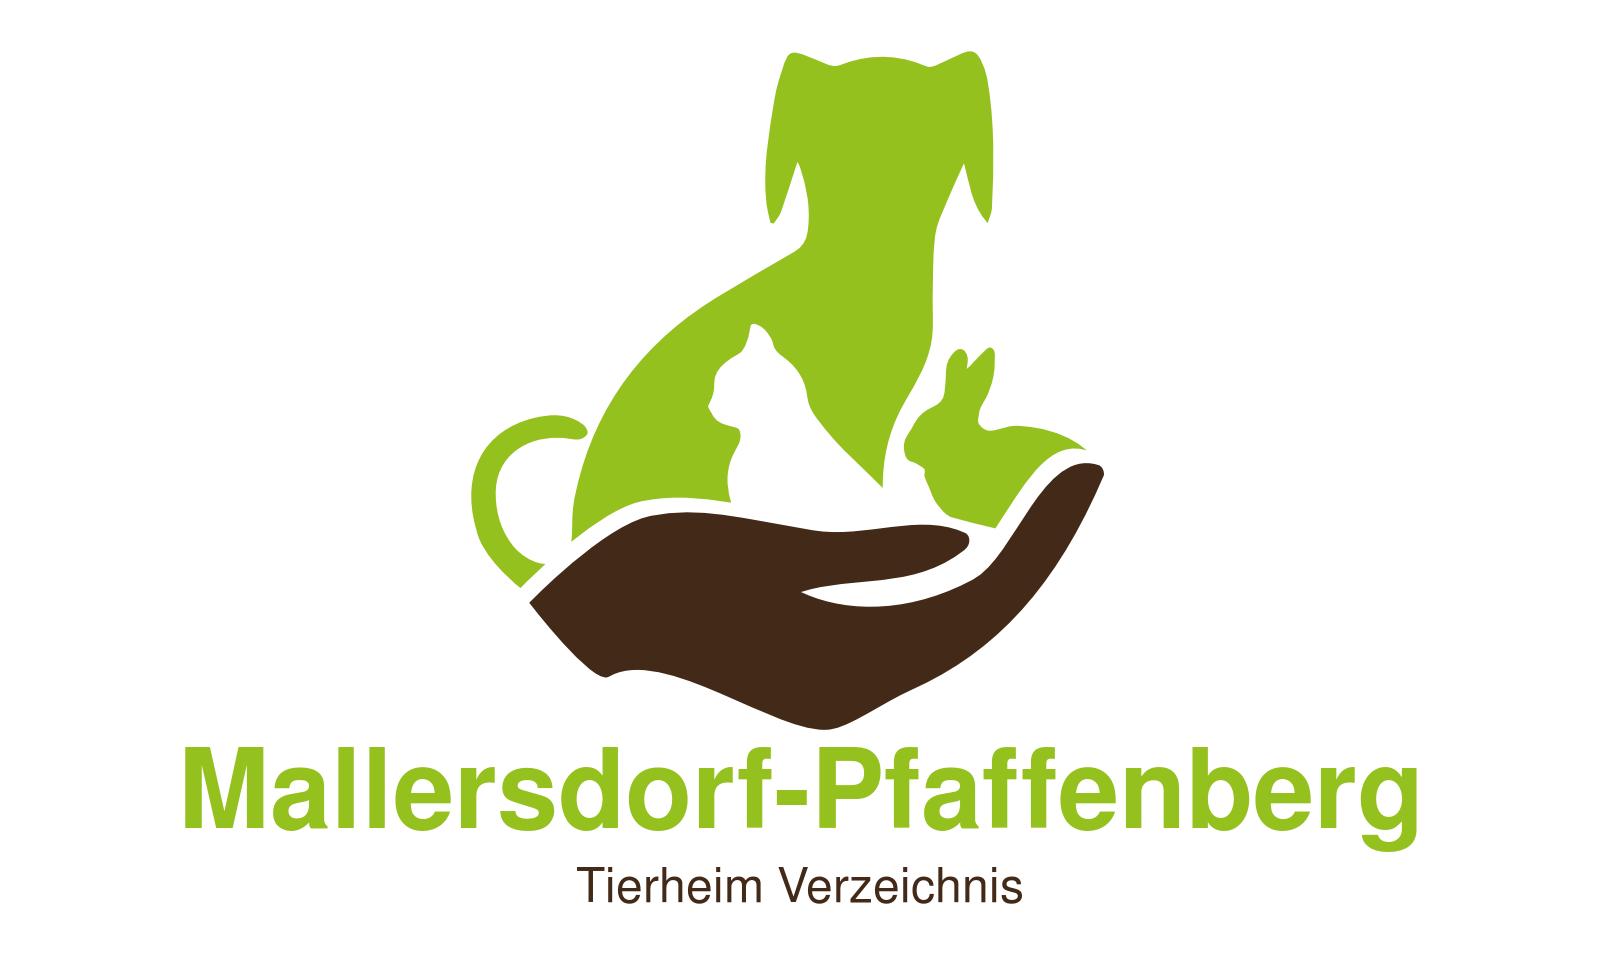 Tierheim Mallersdorf-Pfaffenberg